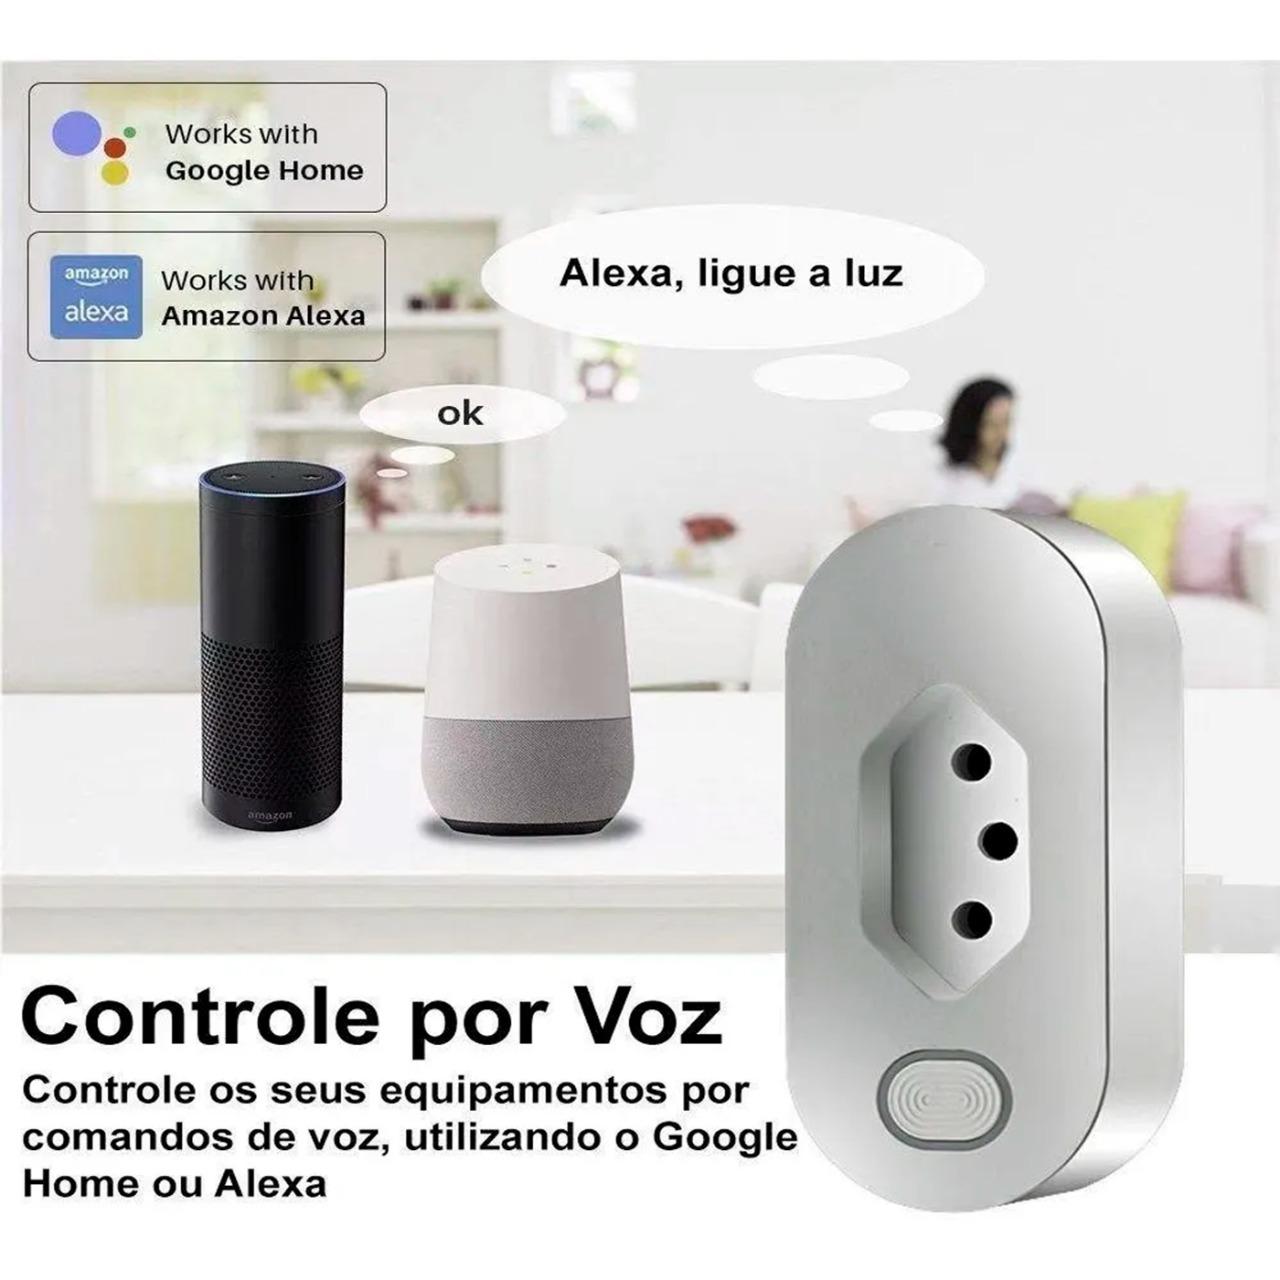 Tomada Inteligente Wi-Fi 16A com monitoramento de consumo compatível com Alexa e Google Home - JS Soluções em Segurança